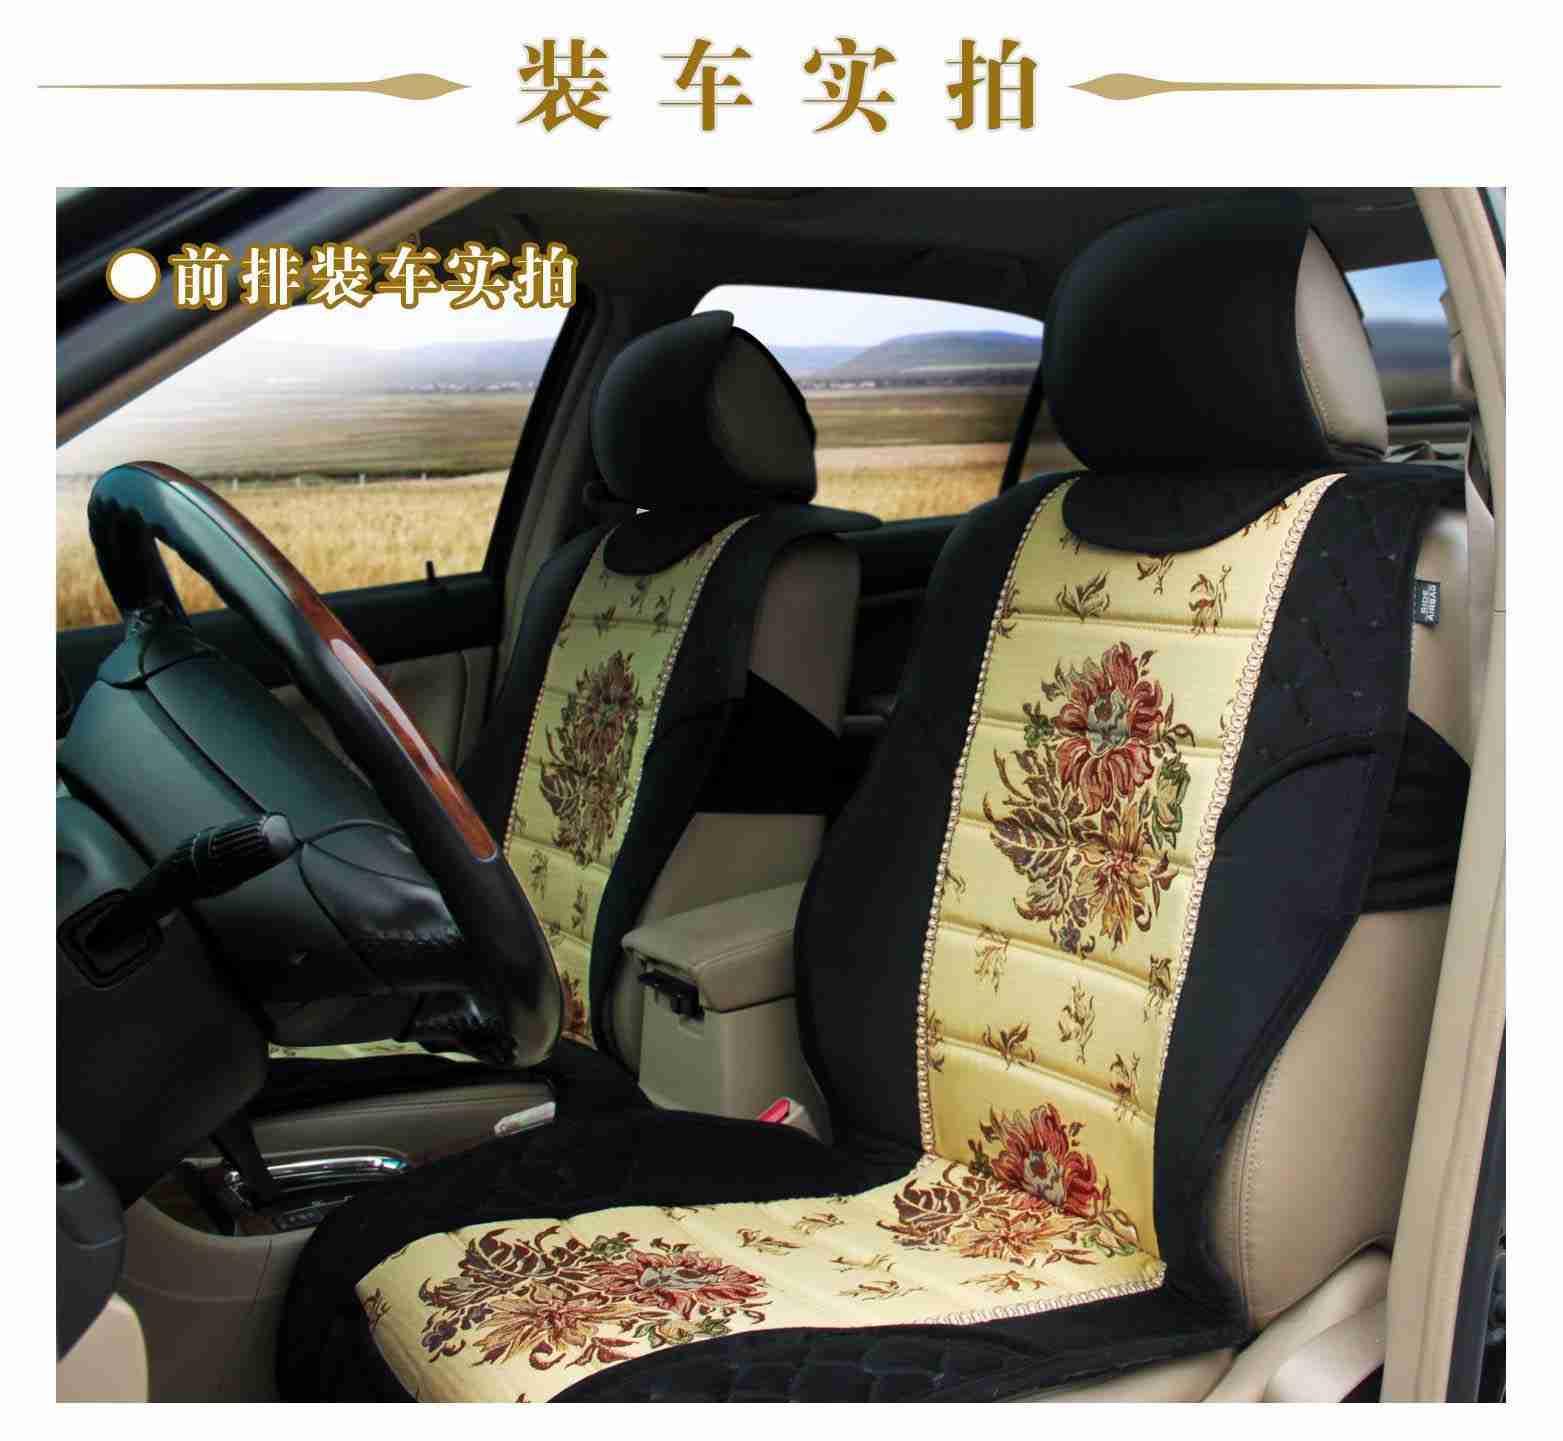 艺芙蓉 yfr-zd-016d 高级汽车坐垫 欧典系列四季通用坐垫 黑色